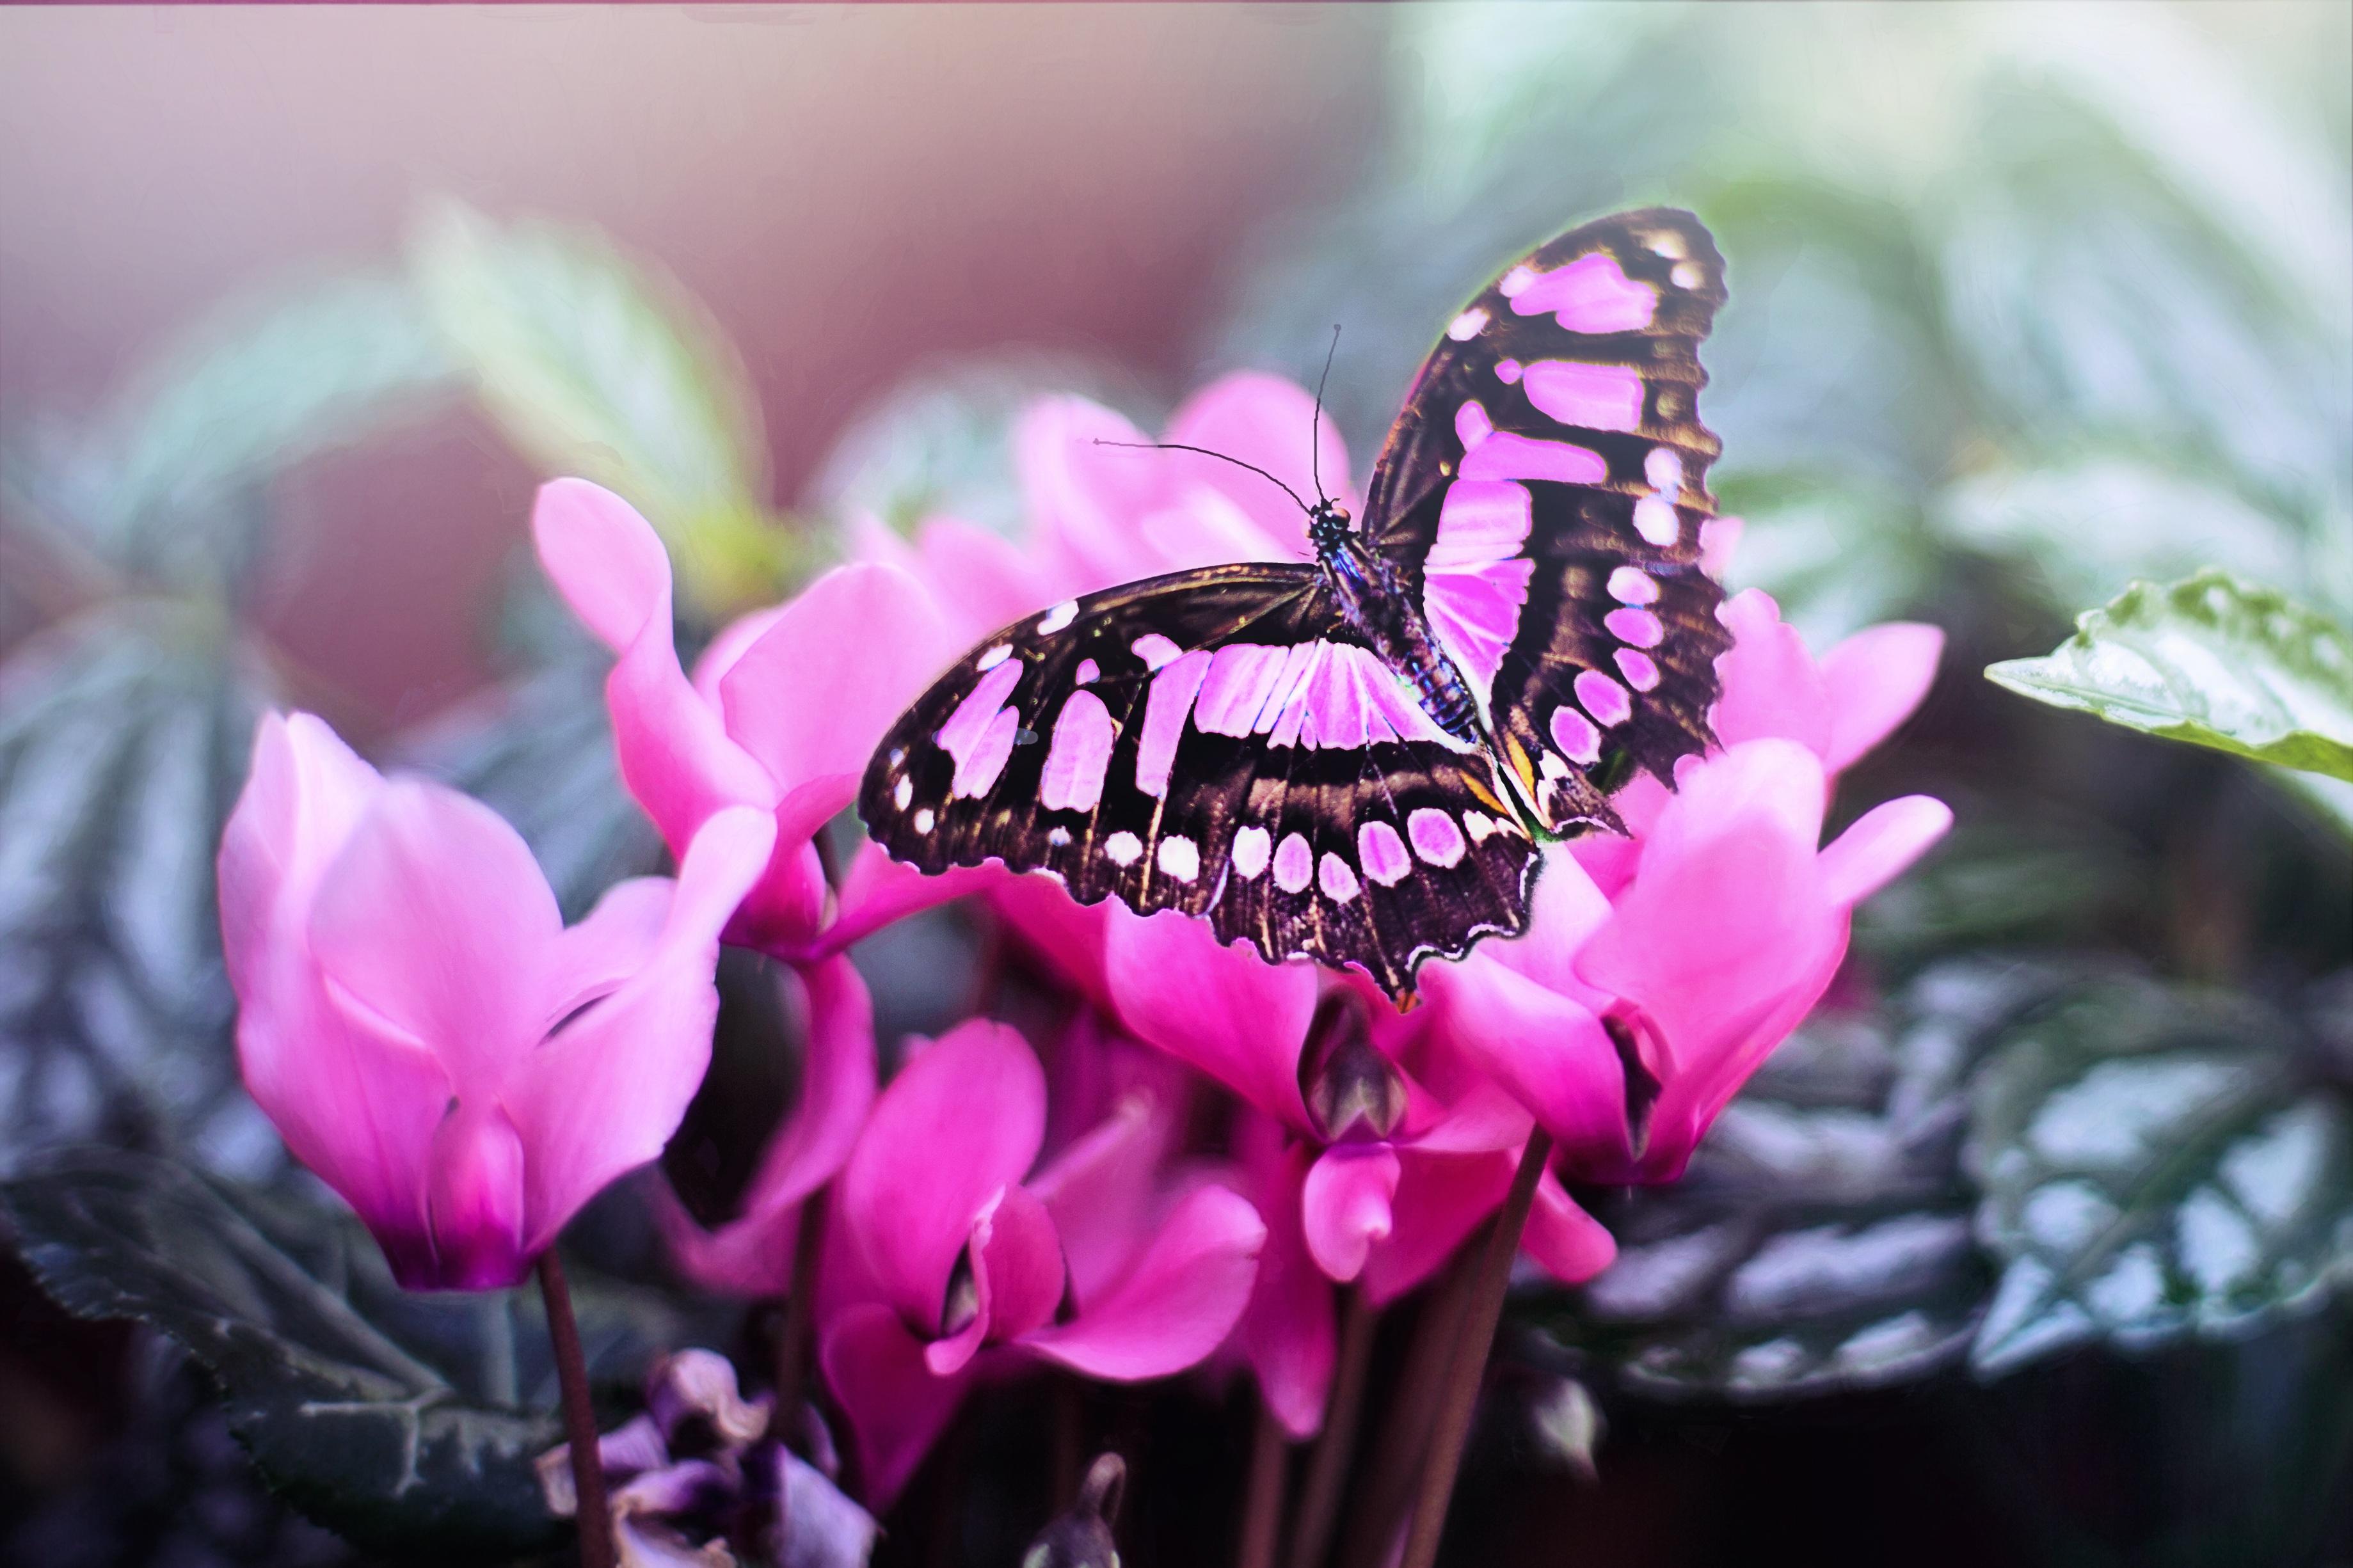 Free Images : nature, plant, flower, petal, summer, spring ...